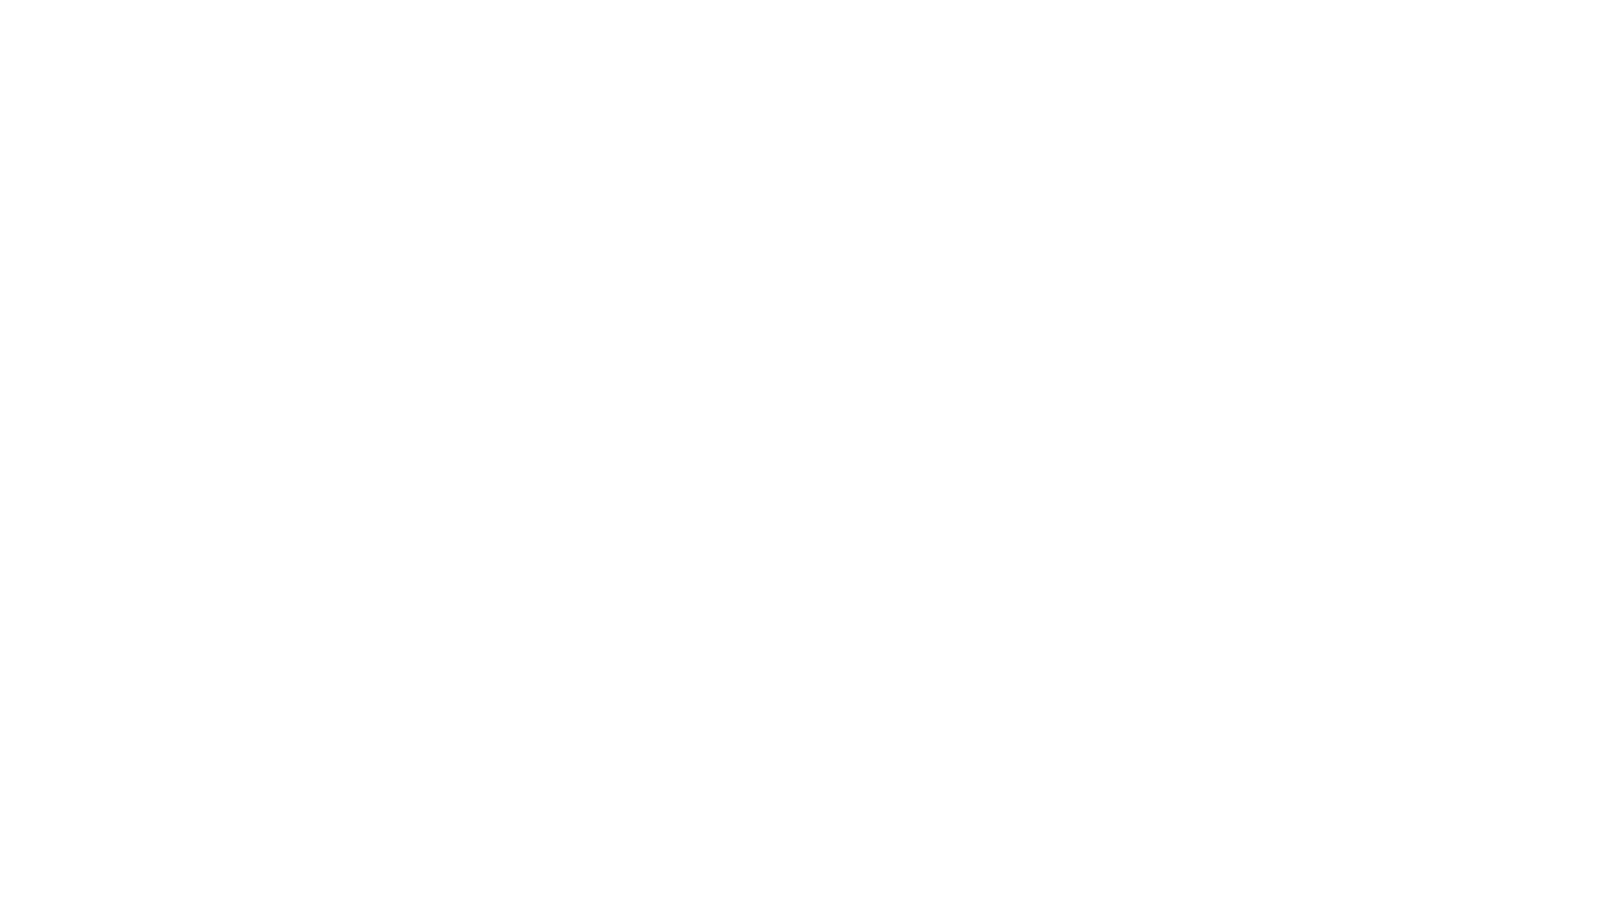 ご視聴ありがとうございます。この動画は山梨県では誰もが知る『洗濯の自由』クリーニング志村様の伝説のCMをオマージュして制作させていただきました。クリーニング志村様からは直々に許可をいただいております。山梨県でのクリーニングとトレーニングは志村にお任せ下さい。【クリーニング志村伝説のCM】https://youtu.be/UuDcAj1qhz0【クリーニング志村HP】https://www.c-shimura.co.jp今後も筋トレ関連の動画をUPしていきます!よかったらチャンネル登録お願いします!#CM #オマージュ #クリーニング志村————————————————————【筋トレ&ダイエット情報発信‼︎ジムHP】▼トレーニング志村-PERSONAL GYM-https://tr-shimura.com【Twitter】▼シュン@トレーニング志村 @tr_shimurahttps://twitter.com/tr_shimura【Instagram】▼シュン@トレーニング志村 @tr_shimurahttps://www.instagram.com/tr_shimura/【サブチャンネル】▼ SHUN×TUBEhttps://www.youtube.com/user/ShimuShun21このビデオは 名称未設定プロジェクト